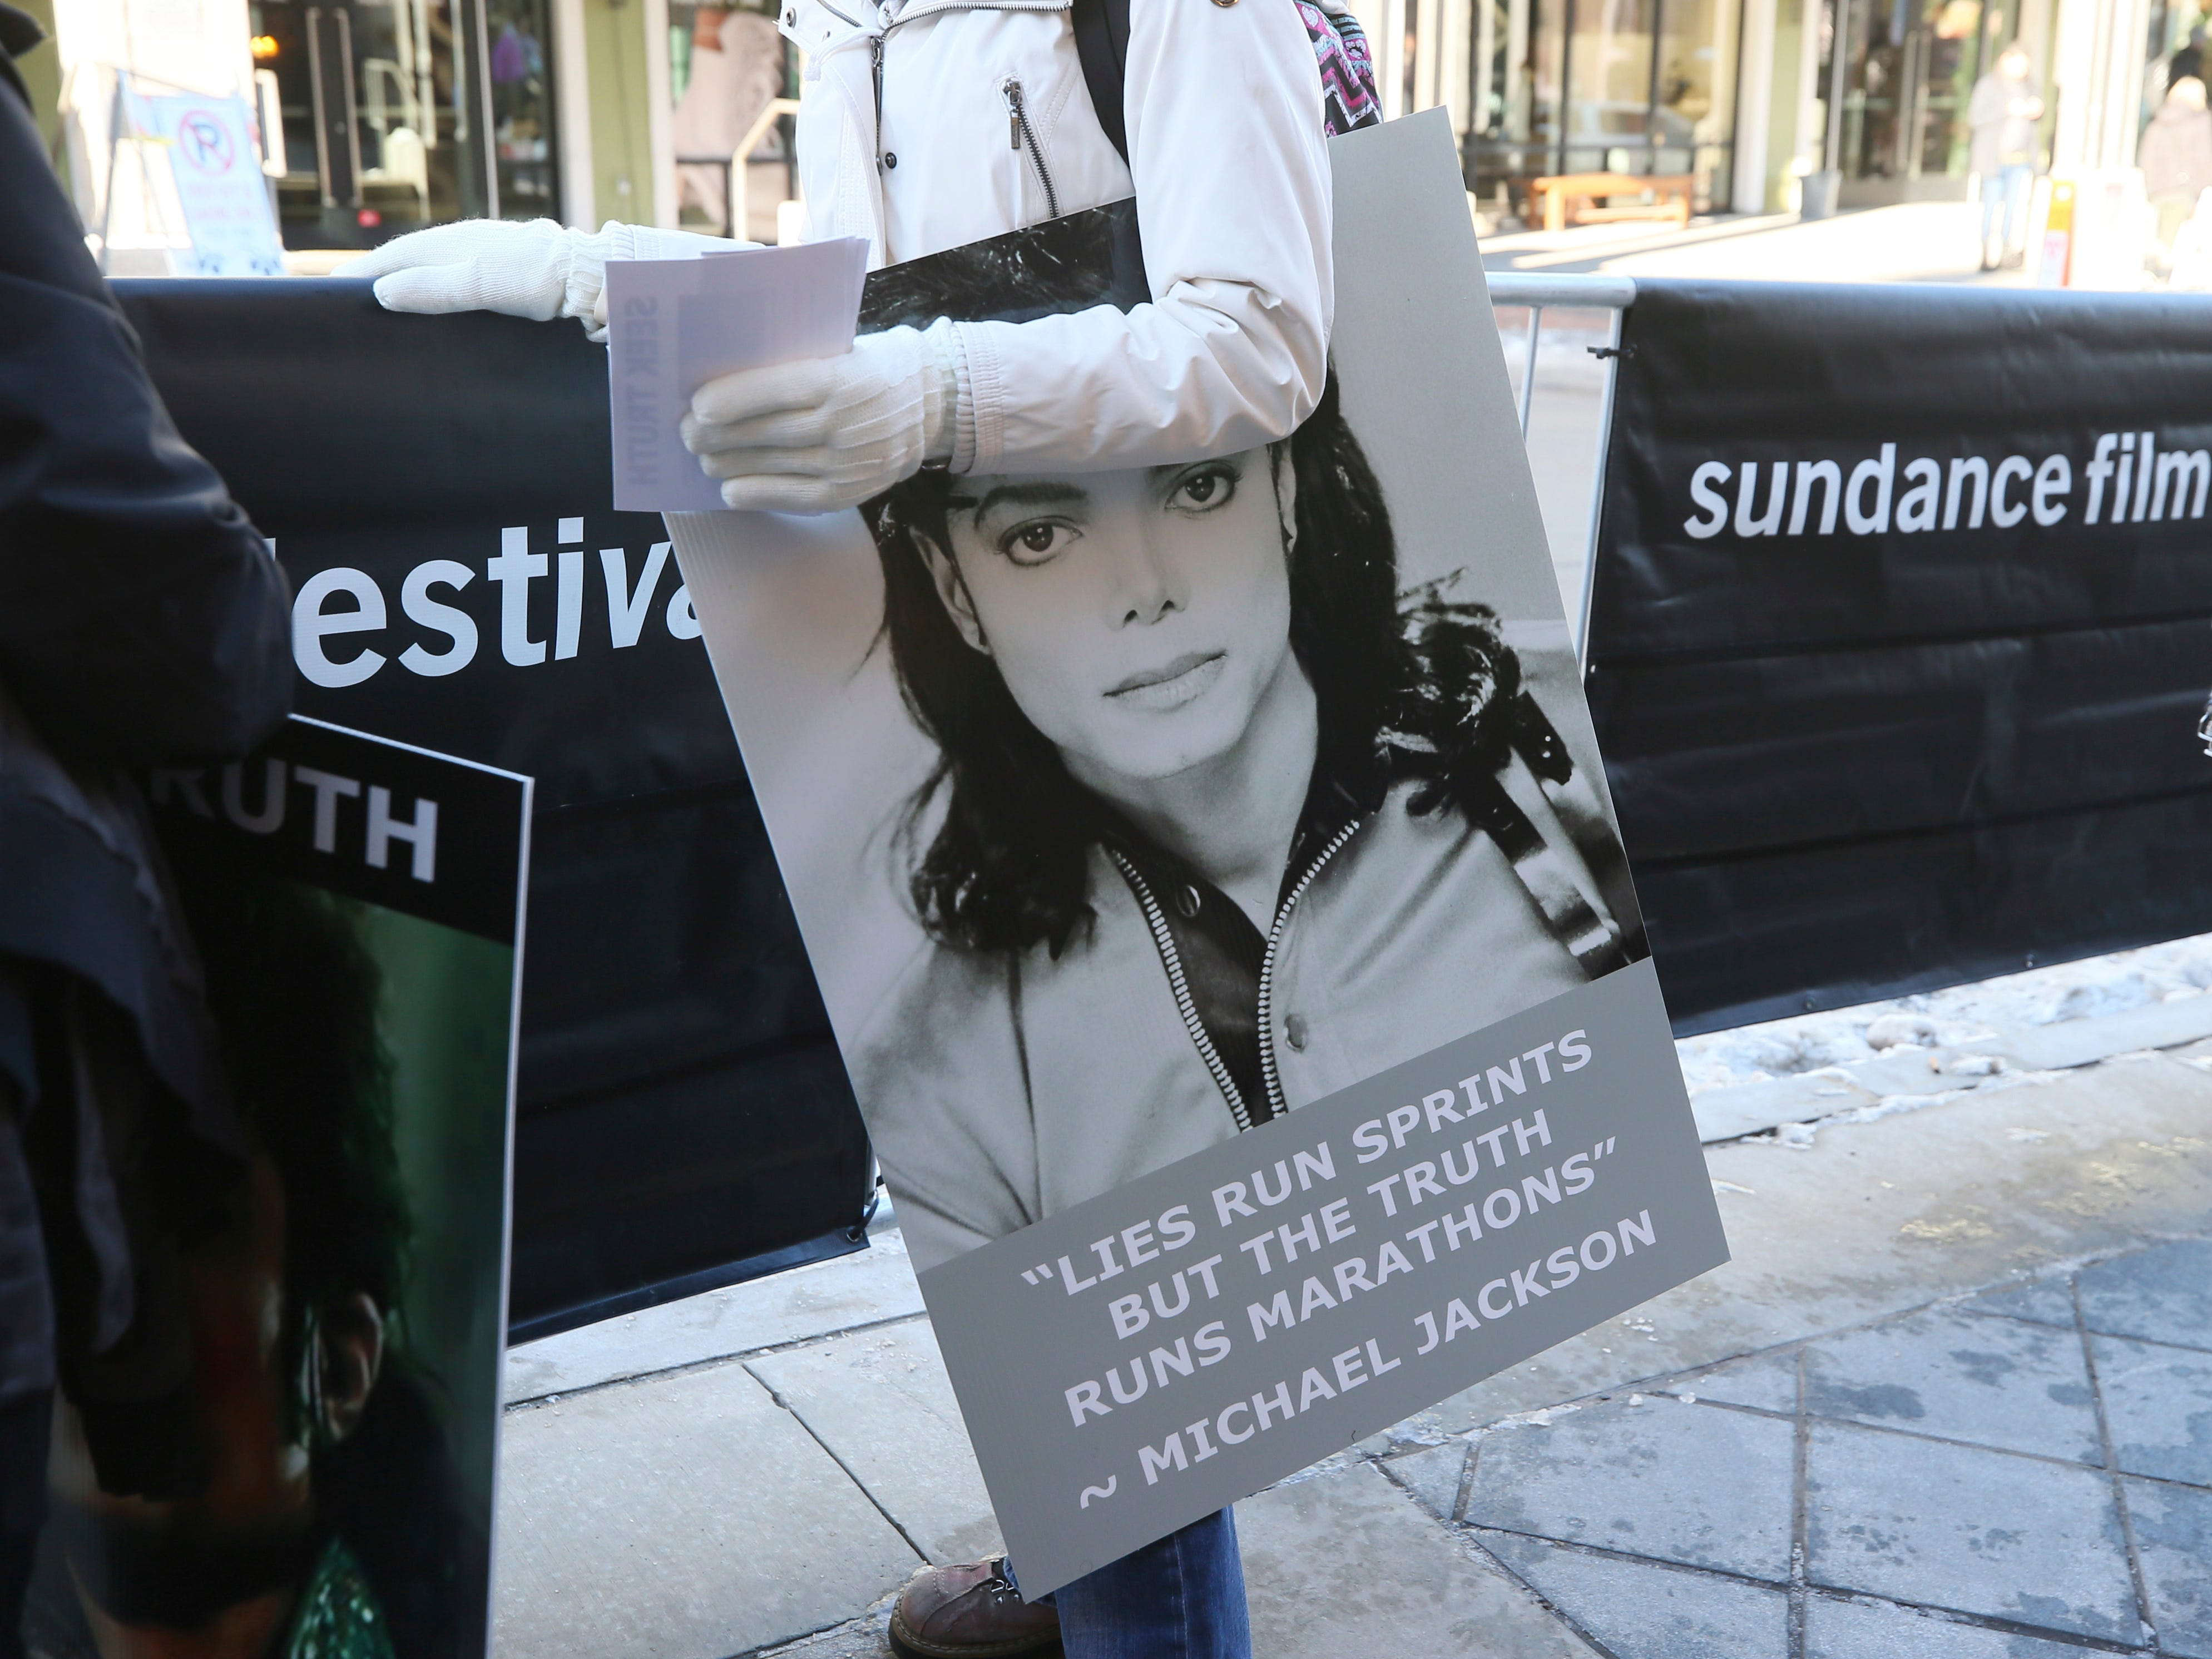 Eine Frau, die aus Calgary, Kanada, gefahren ist, hält ein Zeichen der Unterstützung für Michael Jackson außerhalb der Premiere von